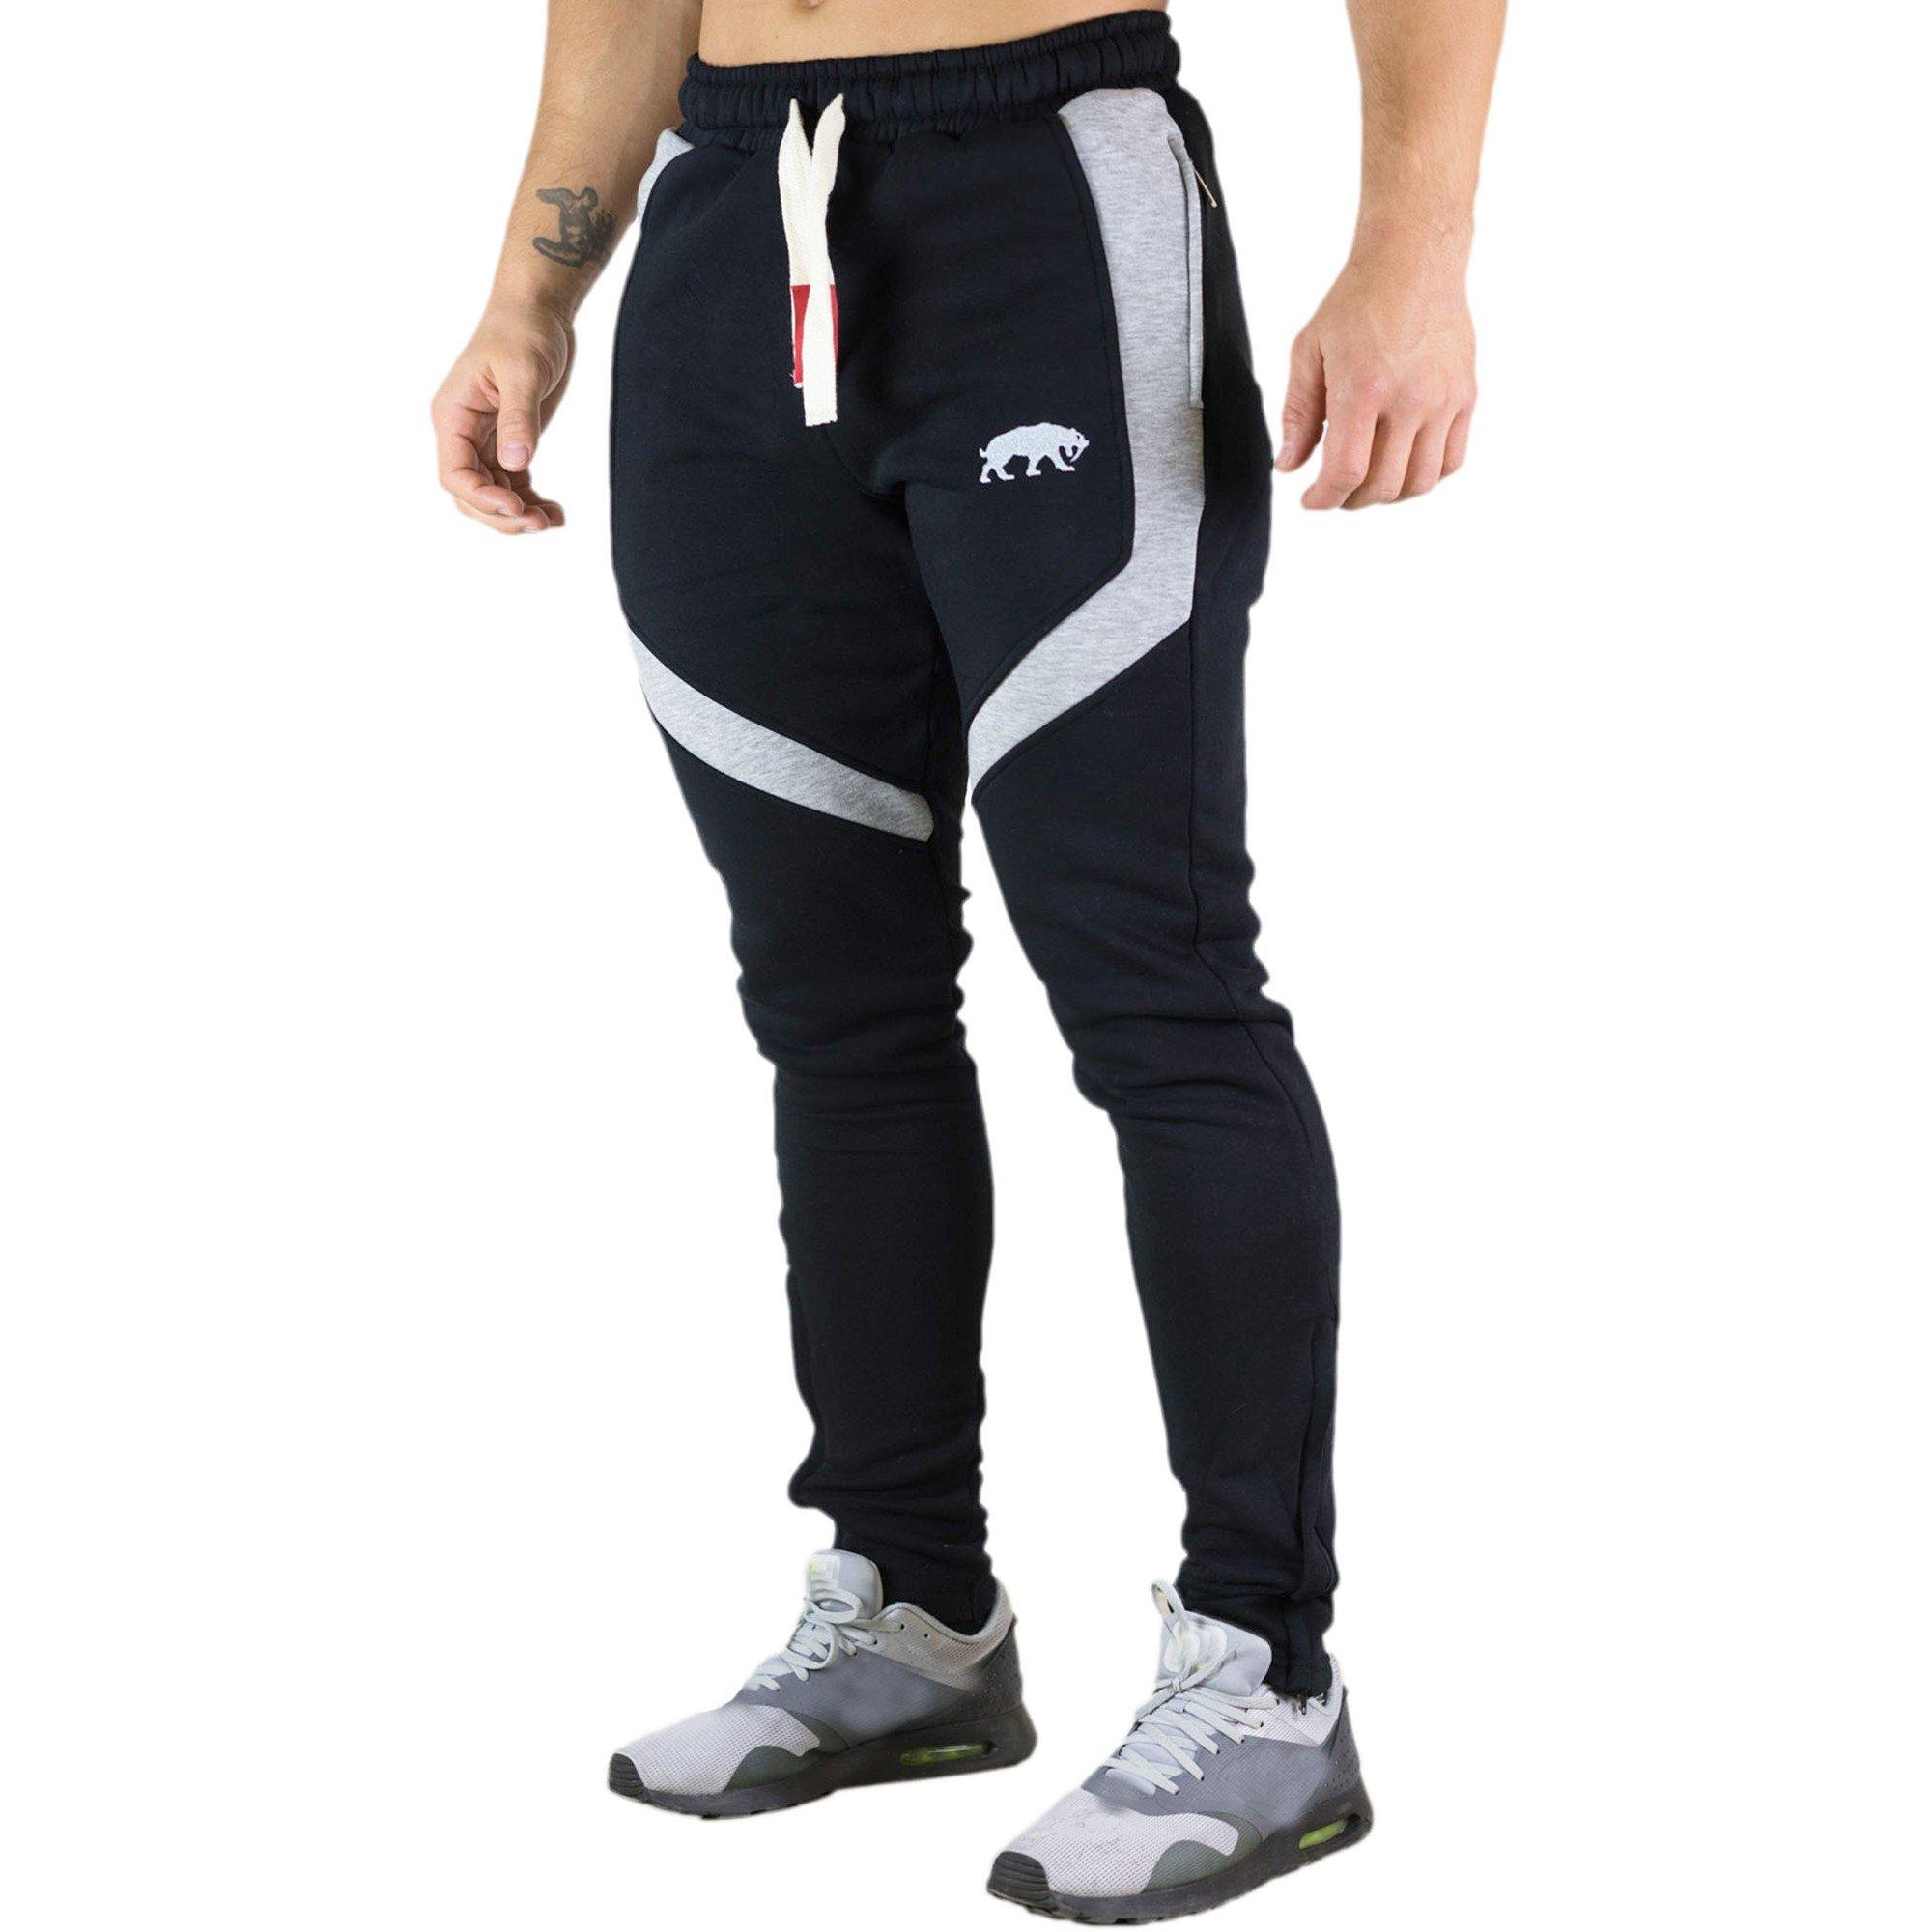 f2bcd2745b7db Mejor valorados en Pantalones deportivos para hombre   Opiniones ...